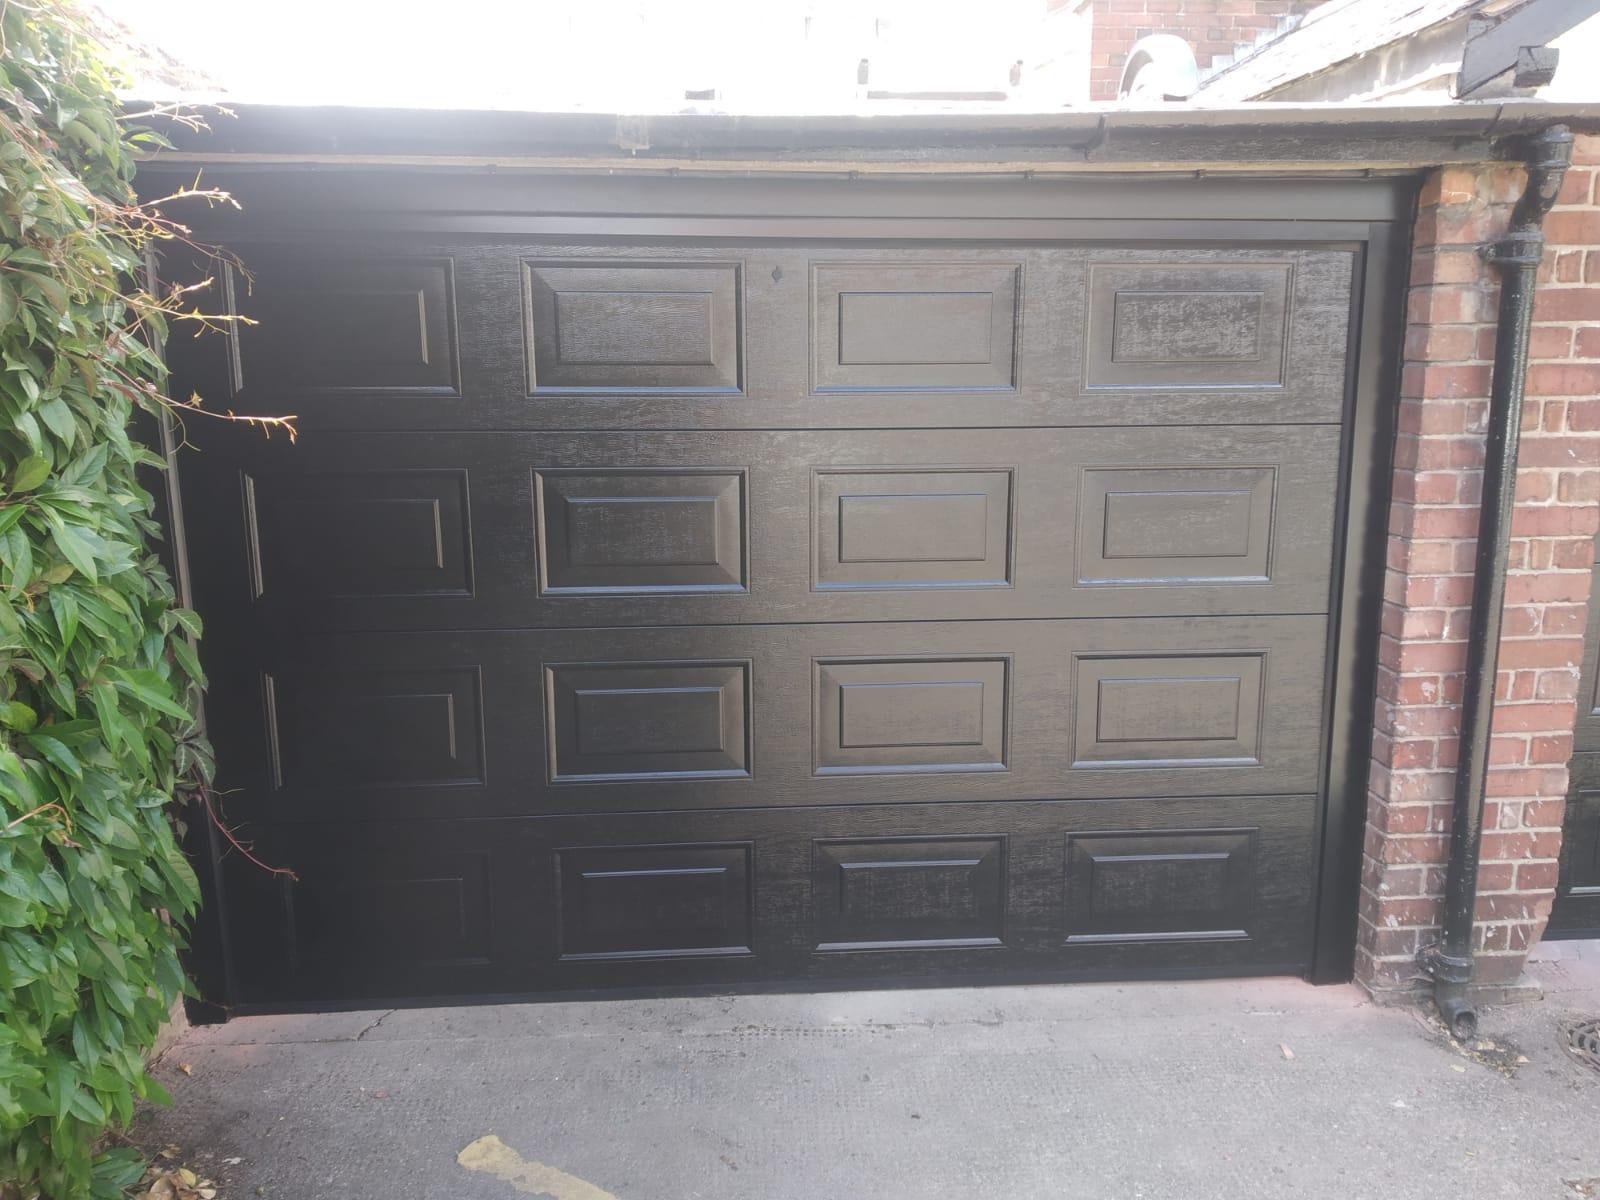 Insulated Garage Door in Black